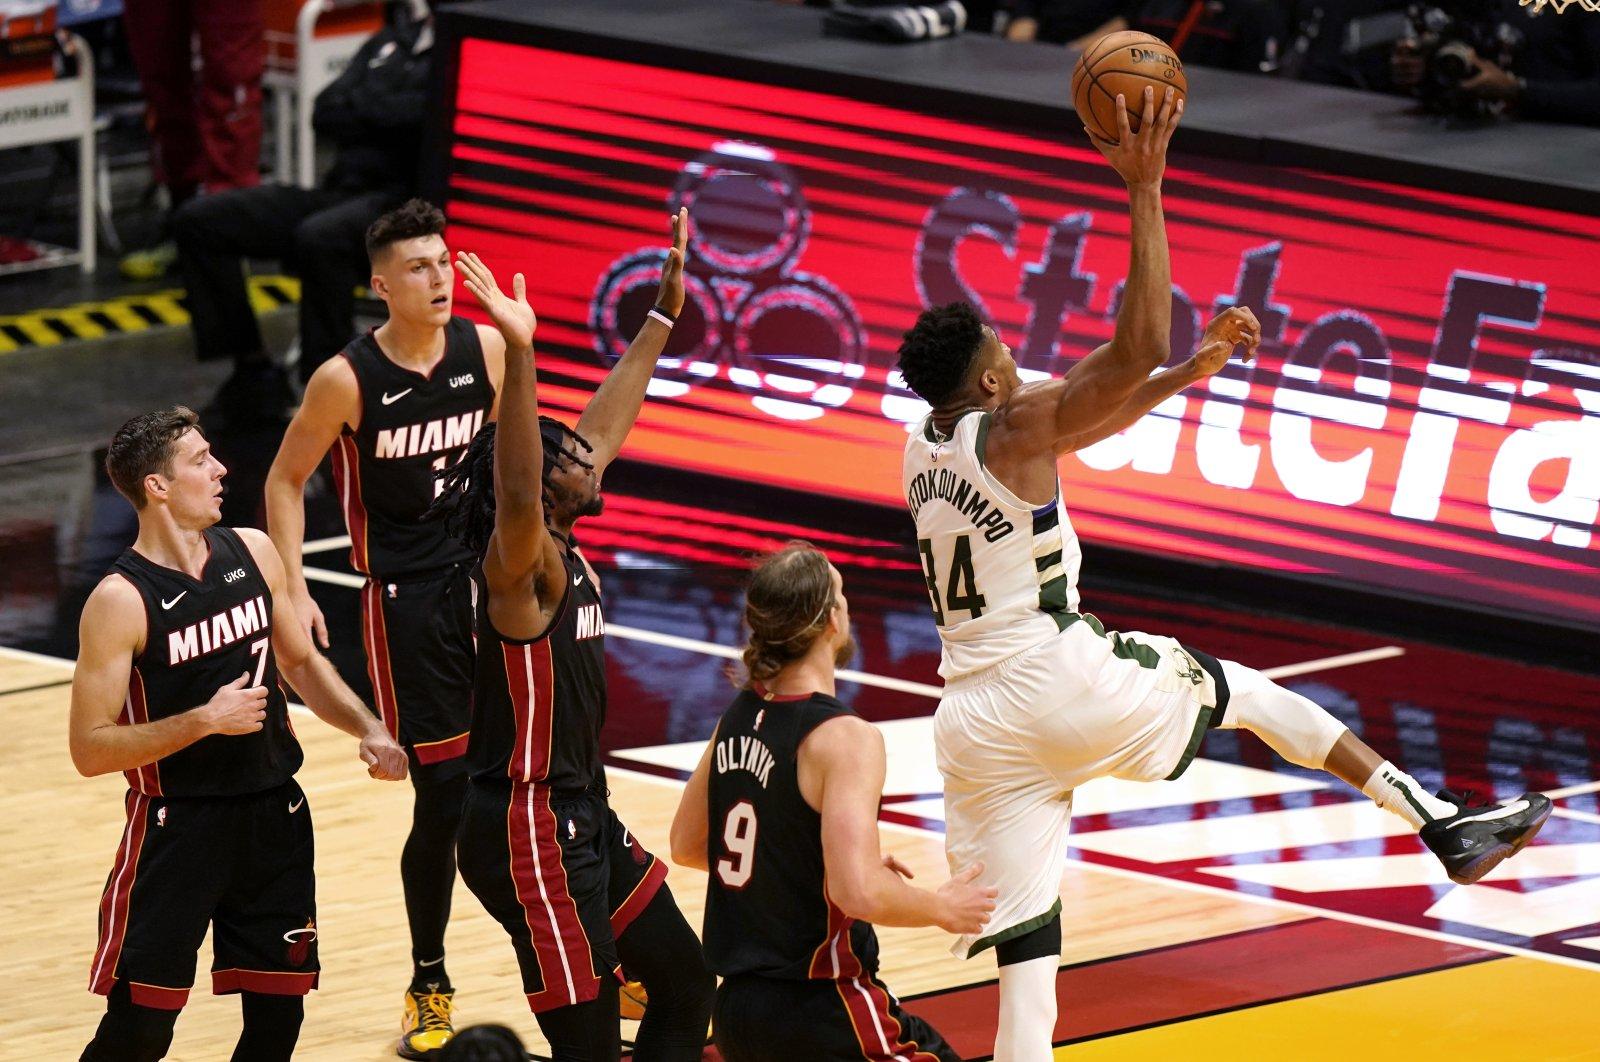 Milwaukee Bucks' Giannis Antetokounmpo (R) shoots during an NBA game against the Miami Heat, in Miami, Florida, U.S., Dec. 29, 2020. (AP Photo)